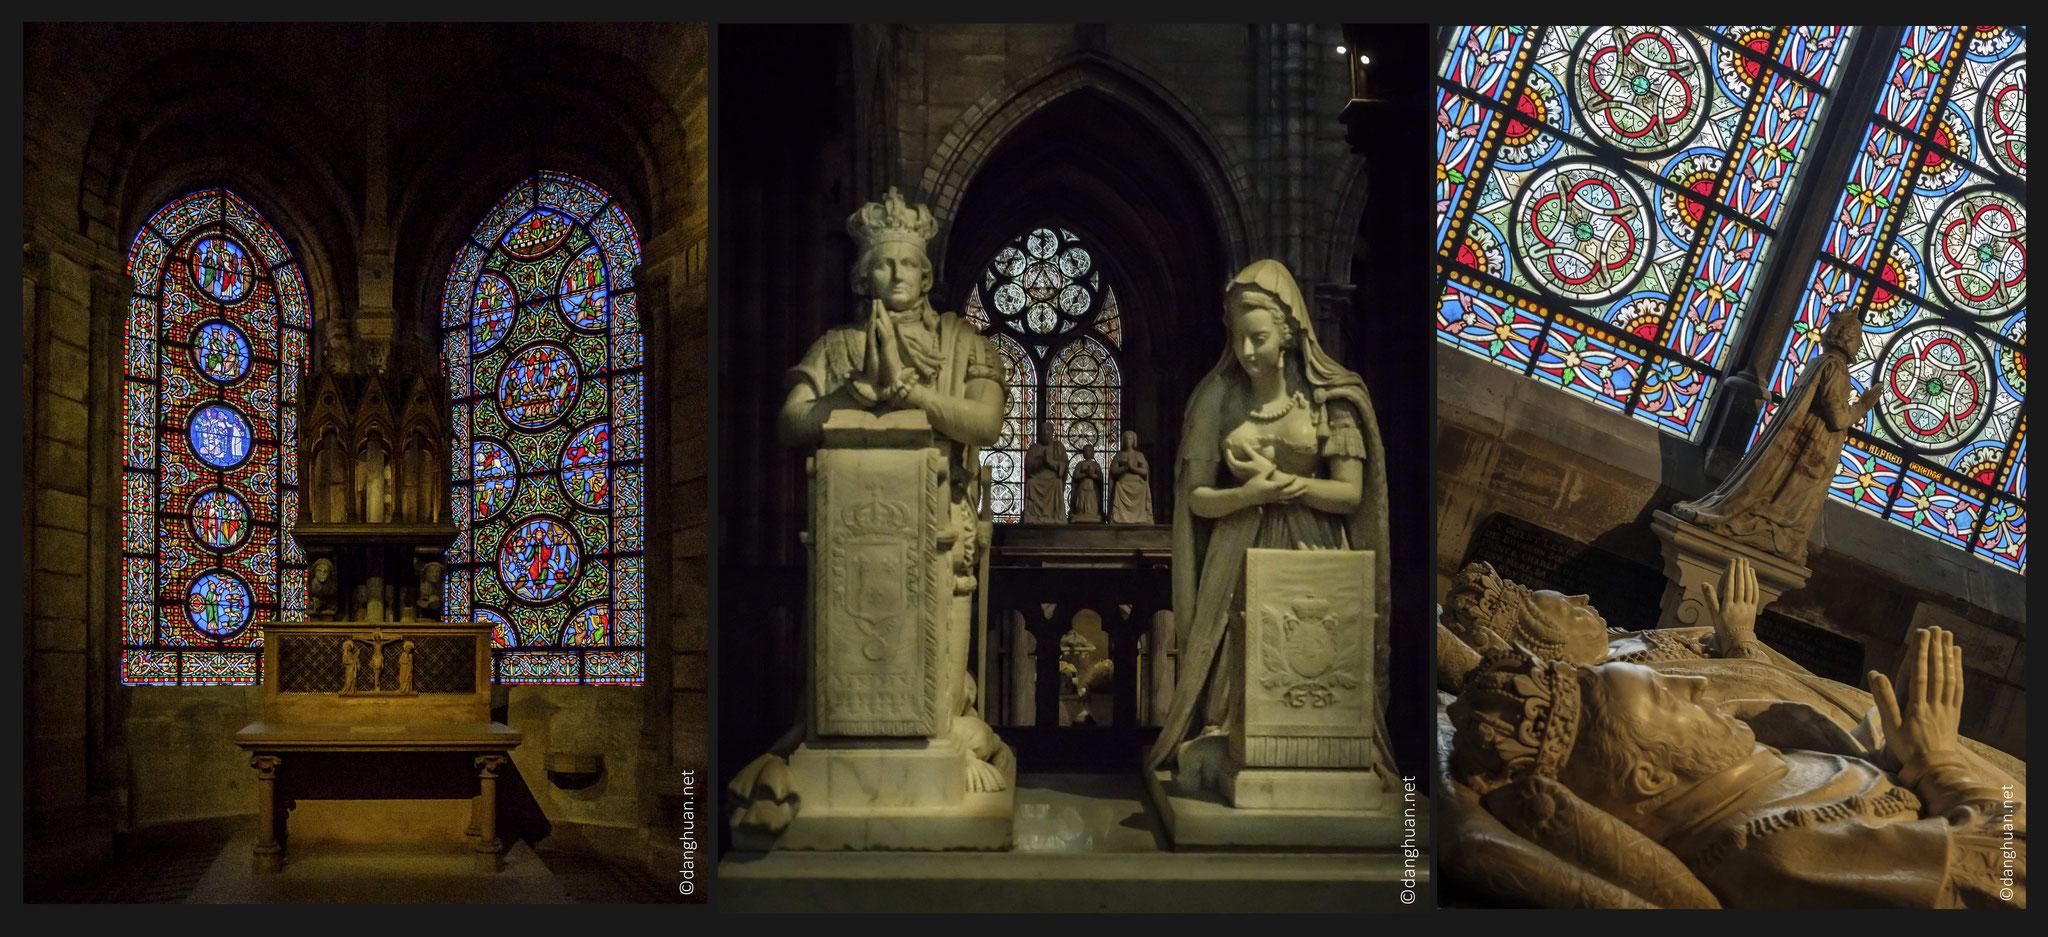 Basilique St Denis - Priants de Louis XVI et Marie-Atoinnette - commandés par Louis XVIII à l'occasion du retour des cendres des souverains, et achevés vers 1830